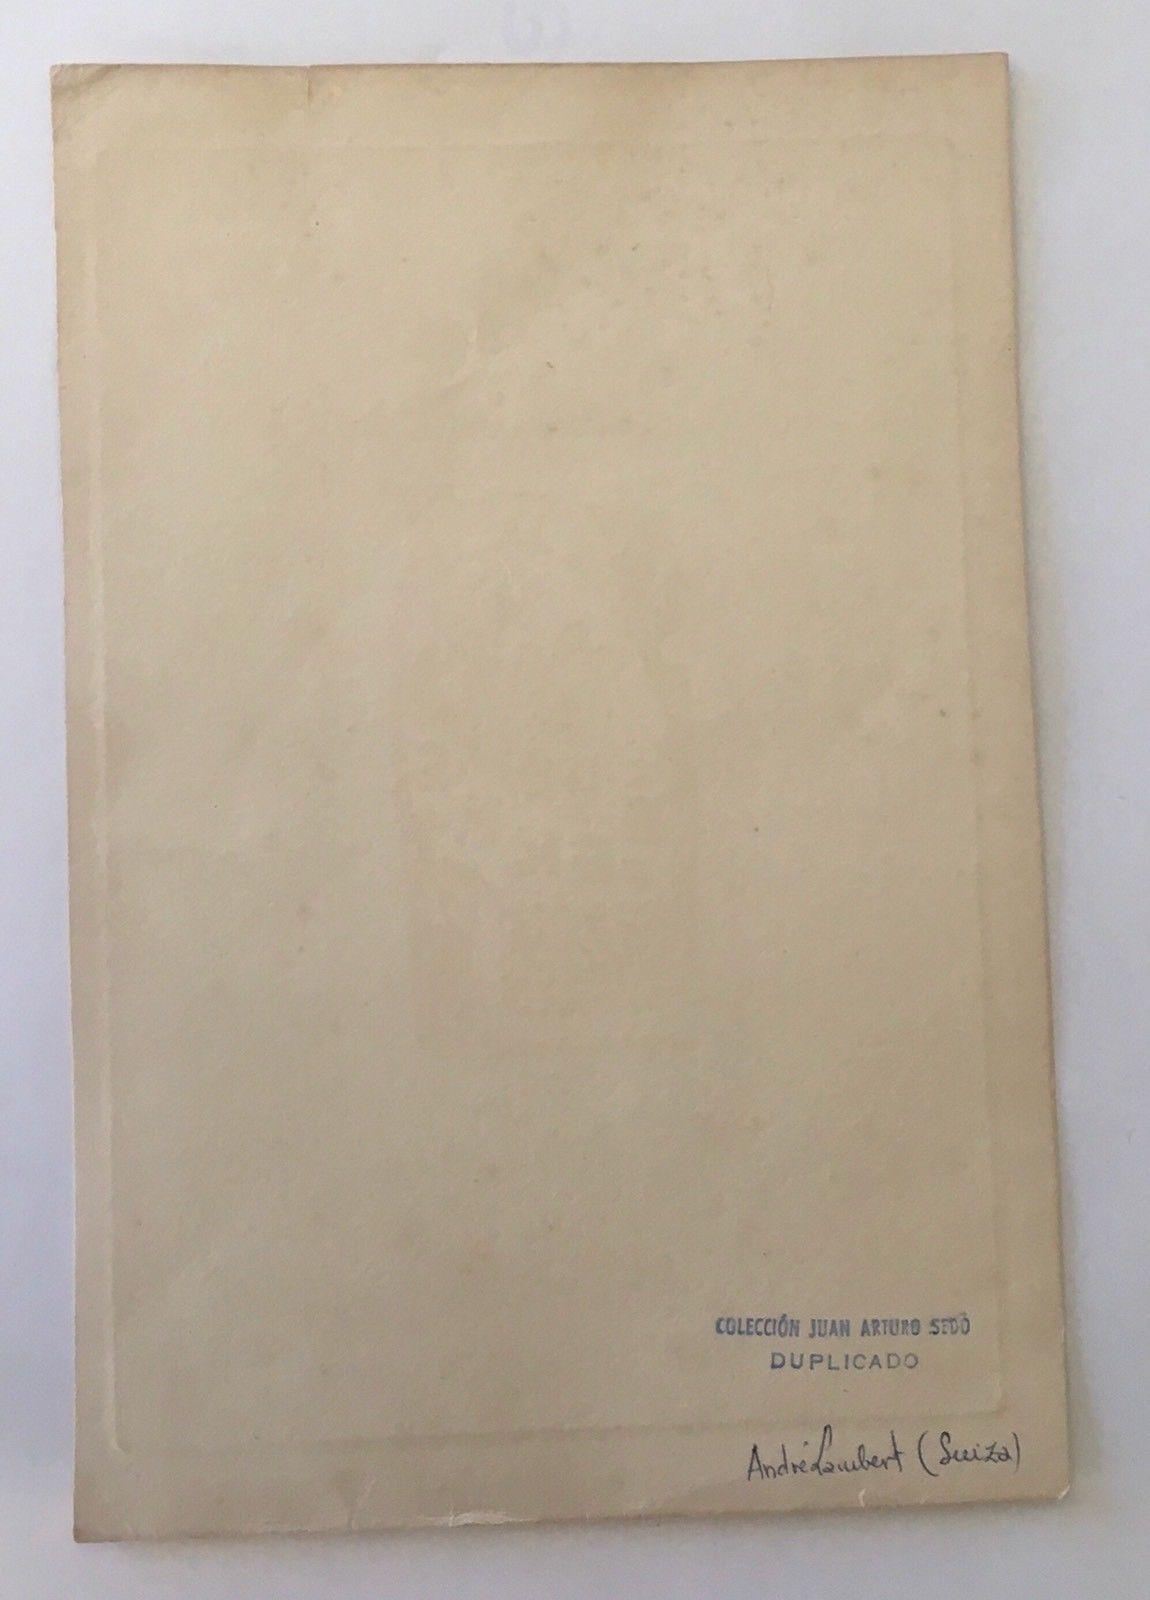 Ex Libris Etching Julio Cesar Salvatierra Pan Vive Nunca Ha Muerto Andre Lambert